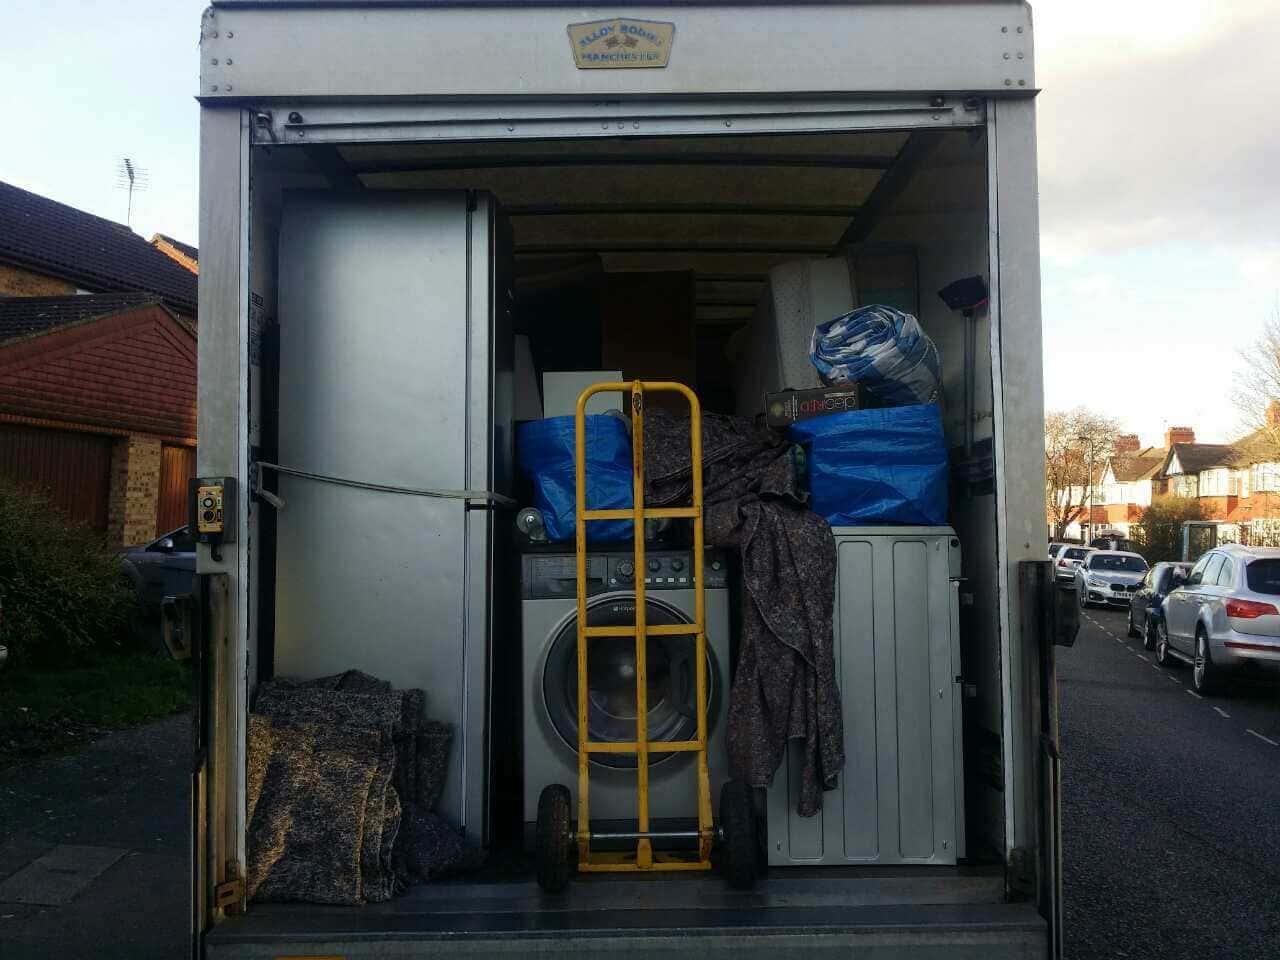 W14 van for hire in West Kensington